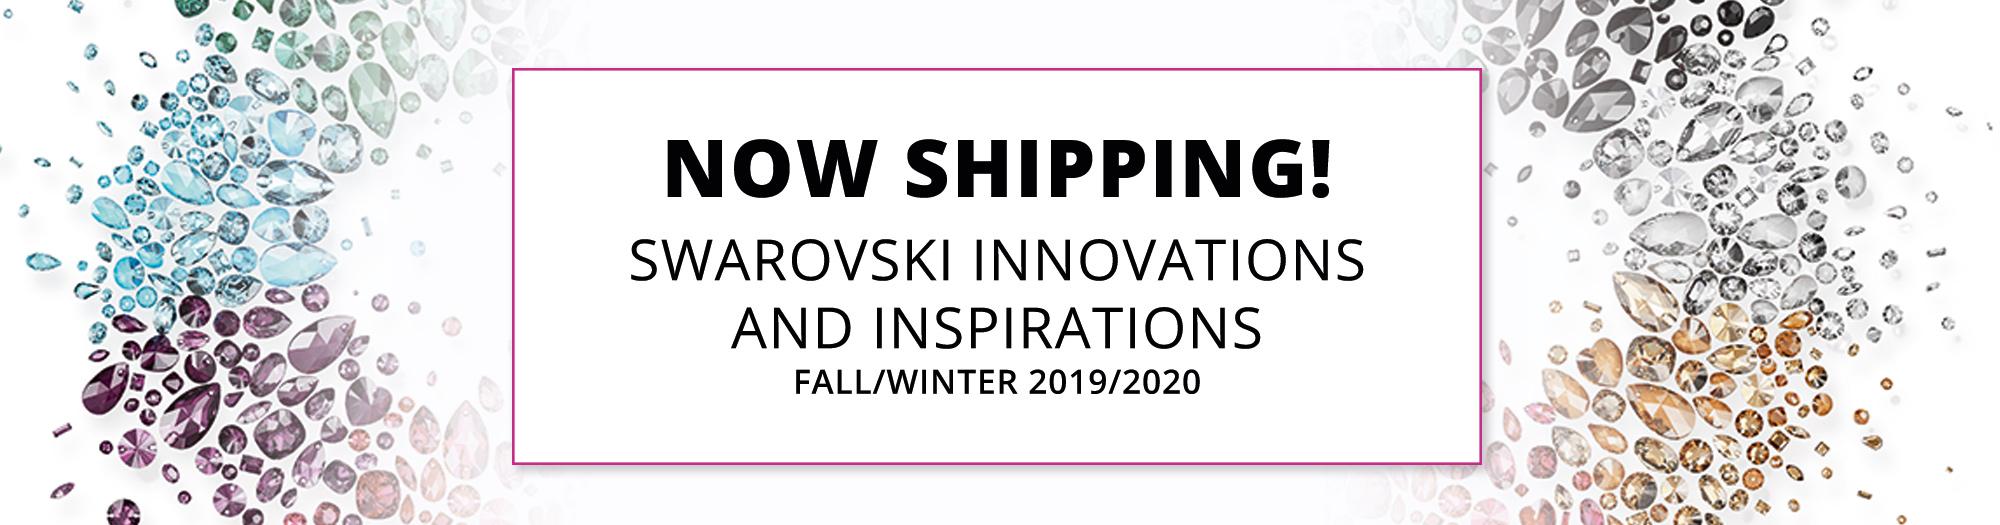 Innovations FW 19/20